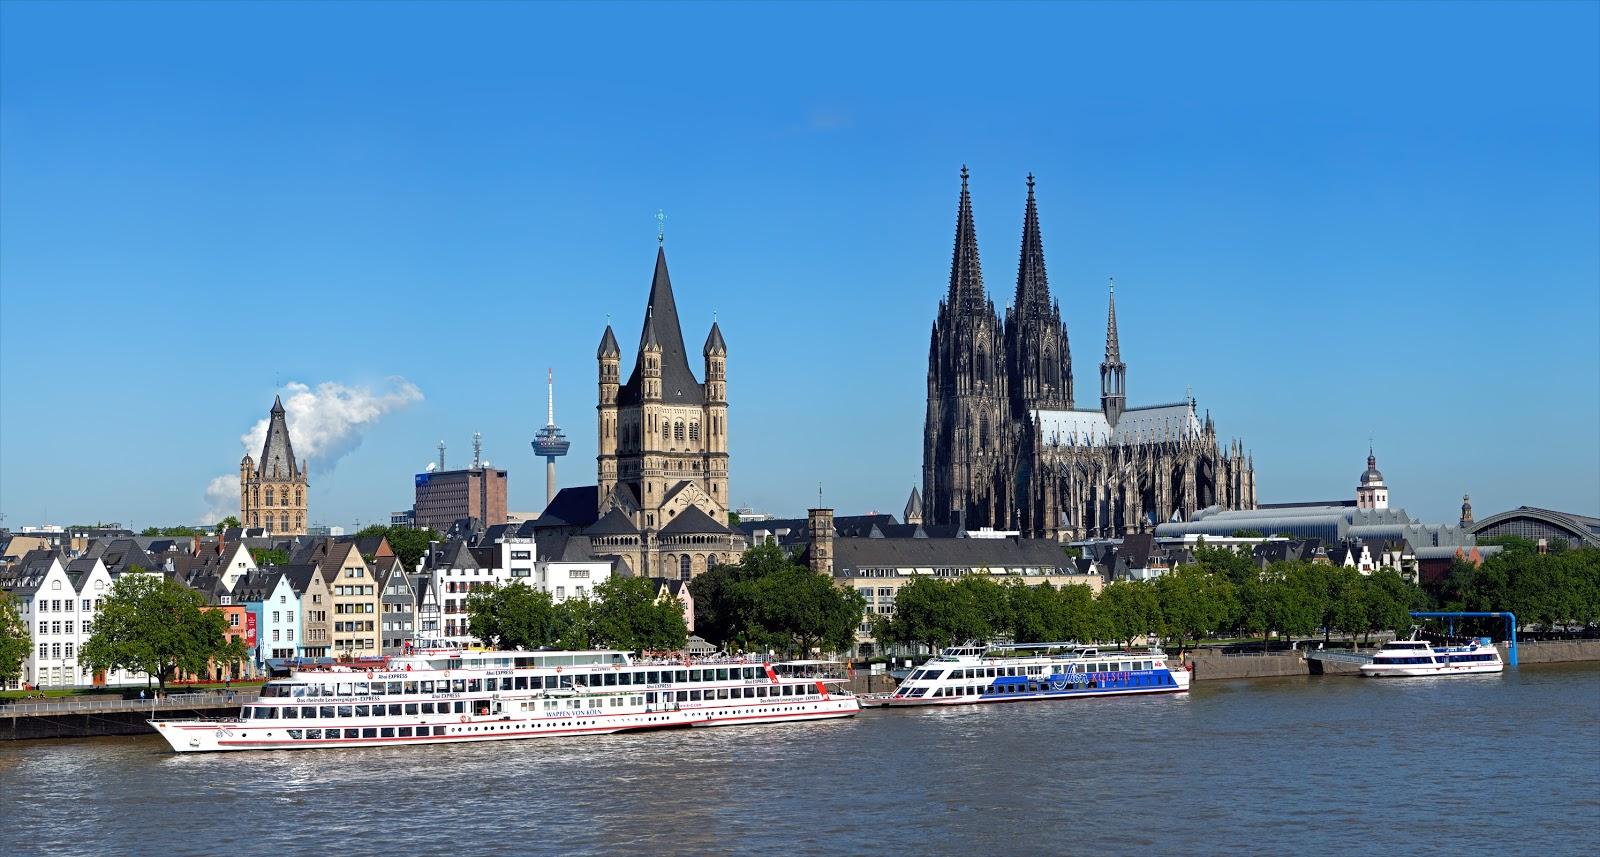 Du lịch Châu Âu - Cologne là trung tâm giao thương và kinh tế quan trọng bậc nhất miền Tây nước Đức